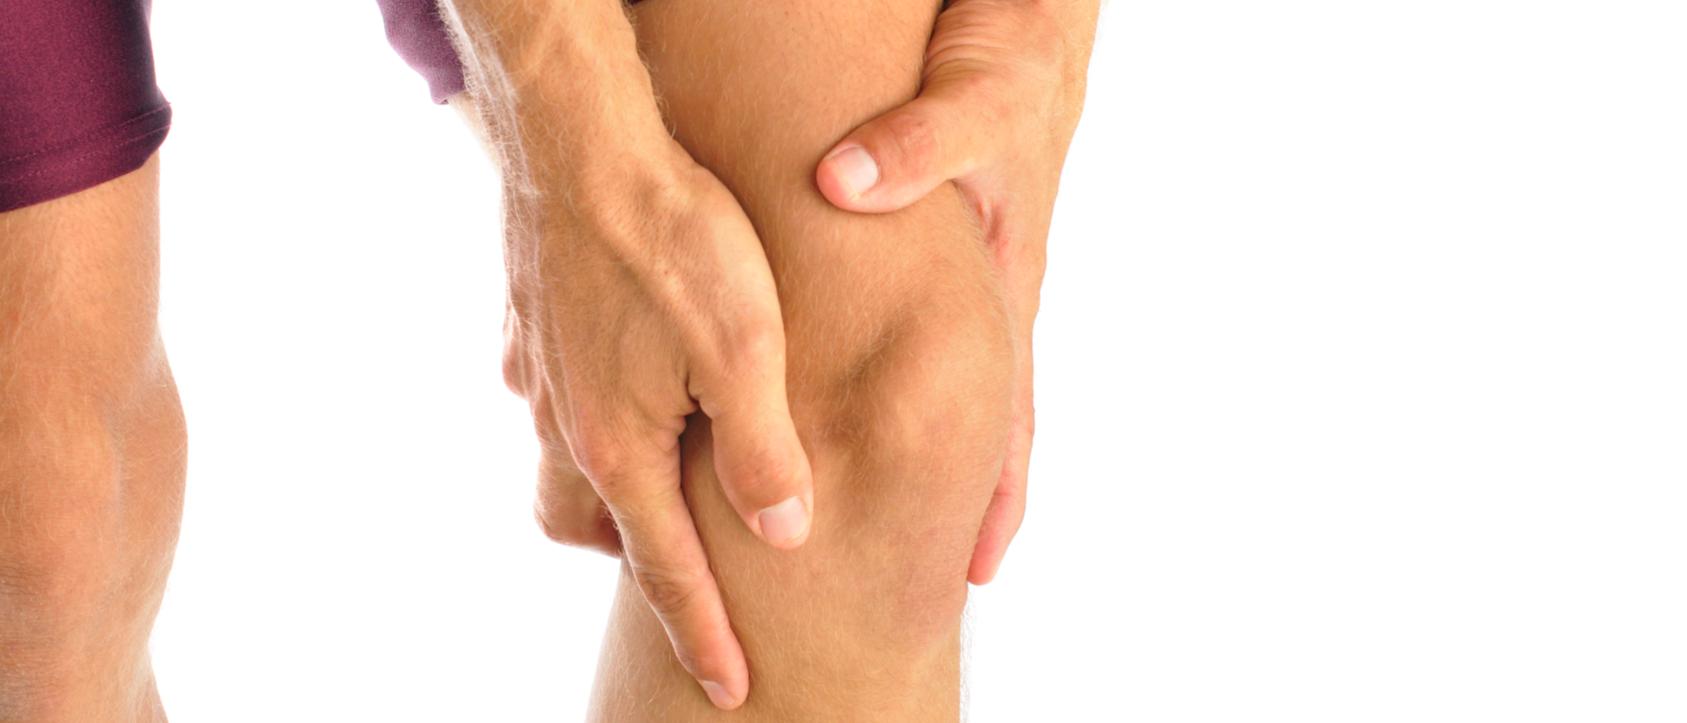 Лечение артроза коленного сустава народными средствами 8